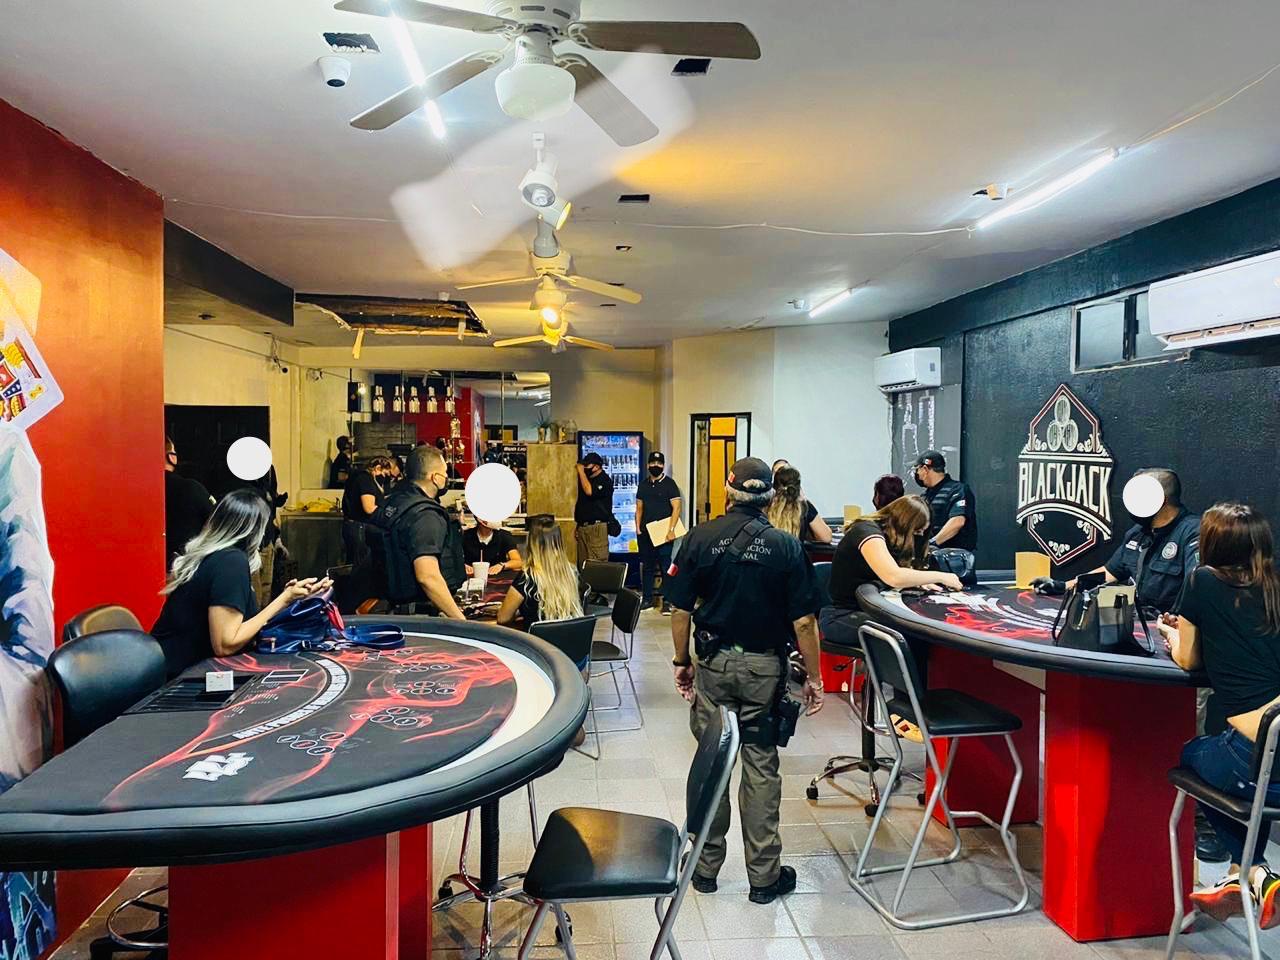 Desmantelan casino ilegal y detienen a 10 personas